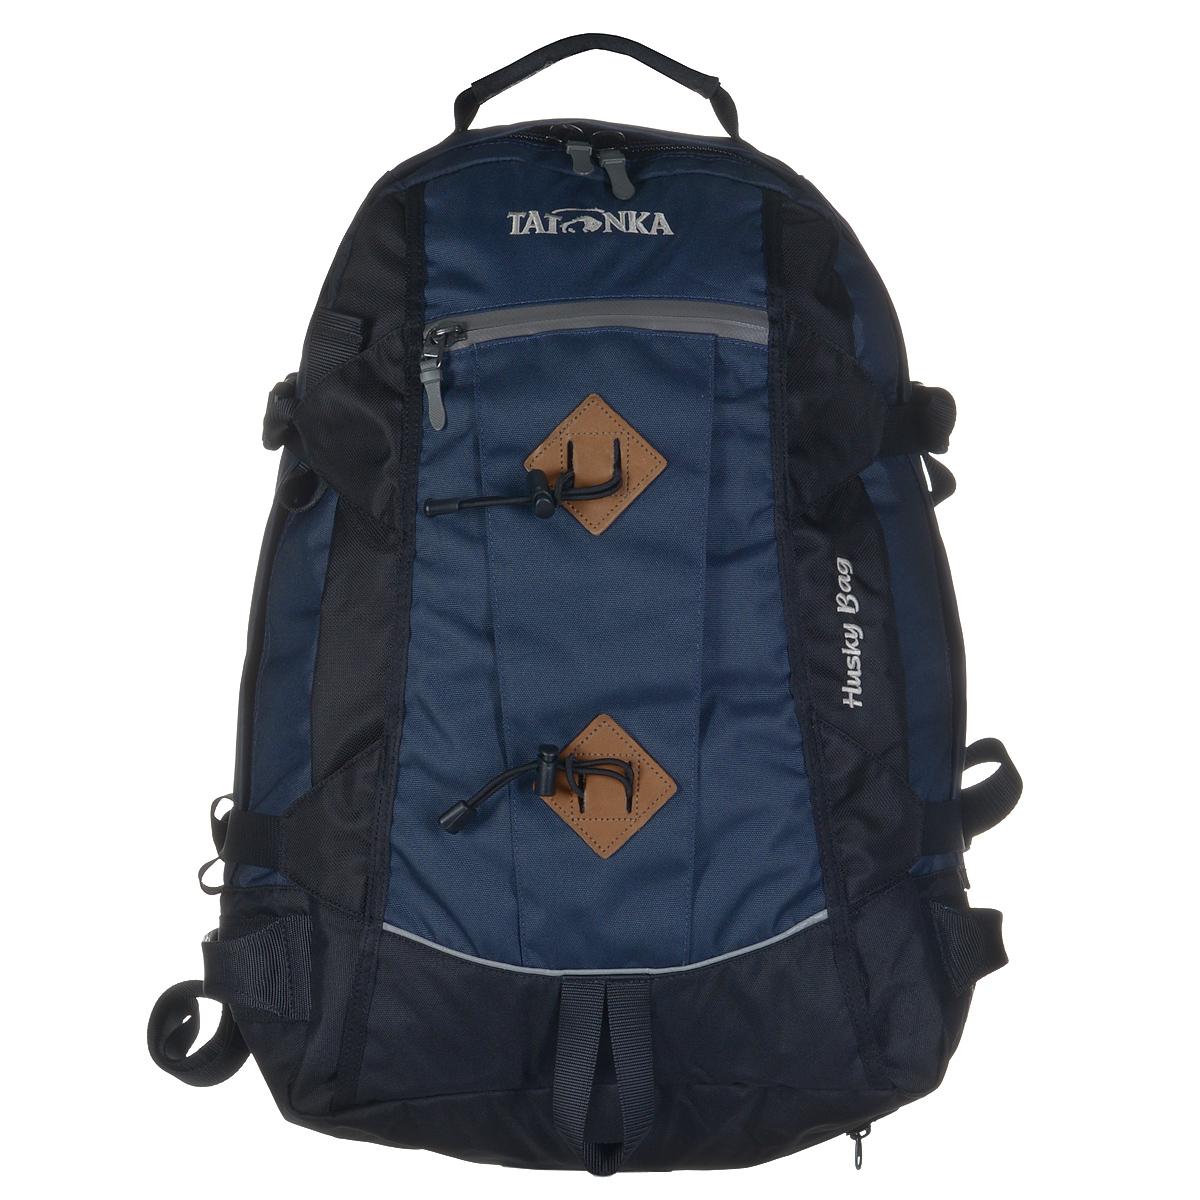 Рюкзак городской Tatonka Husky Bag с чехлом от дождя, цвет: синий, черный, 28 л. 1580.0041580.004Рюкзак Tatonka Husky Bag, изготовленный из высококачественного материала, имеет идеальные пропорции и богатое техническое оснащение, позволяющиеиспользовать его как горный, трекинговый или городской.Изделие имеет одно главное отделение, внутри которого имеются два кармана. Один карман оснащен держателем для ключей, второй карман на резинке.Рюкзак имеет мягкие регулируемые плечевые лямки и мягкий набедренный пояс с карманами на молнии. С помощью регулируемого нагрудного ремня рюкзак прочно будет прилегать к спине, а боковые стяжки утянут ваш рюкзак до нужного размера.Внешний карман имеет водонепроницаемую молнию. Специальная петля внизу рюкзака предназначена для палок или ледоруба.В комплекте - дождевой чехол яркого цвета. Материал: Textreme 6.6, ХексоТокс, СликТекс. Объем 28 л.Вес: 1,85 кг.